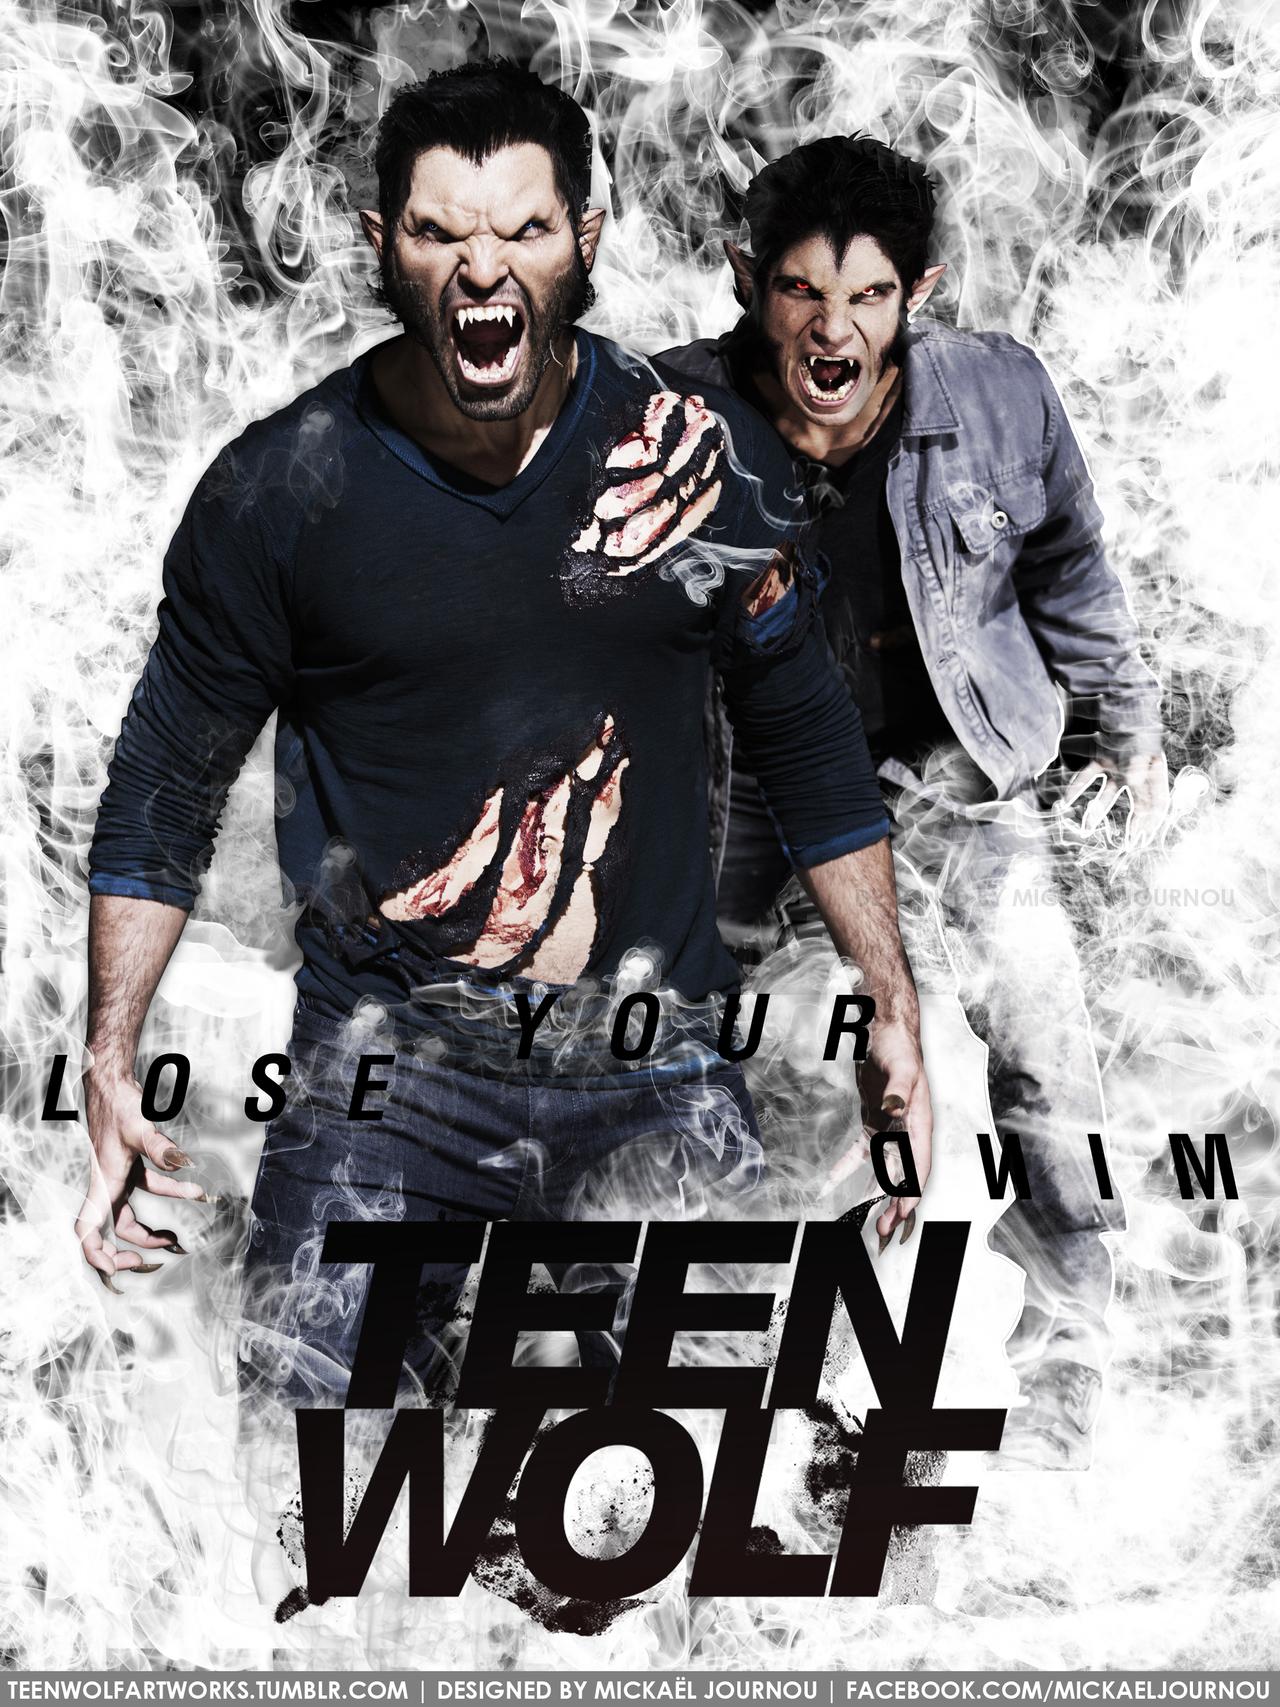 مسلسل Teen Wolf الموسم الثالث كامل مترجم مشاهدة اون لاين و تحميل  Teen_wolf_poster_season_3___derek_scott_by_fastmike-d6wnk1h